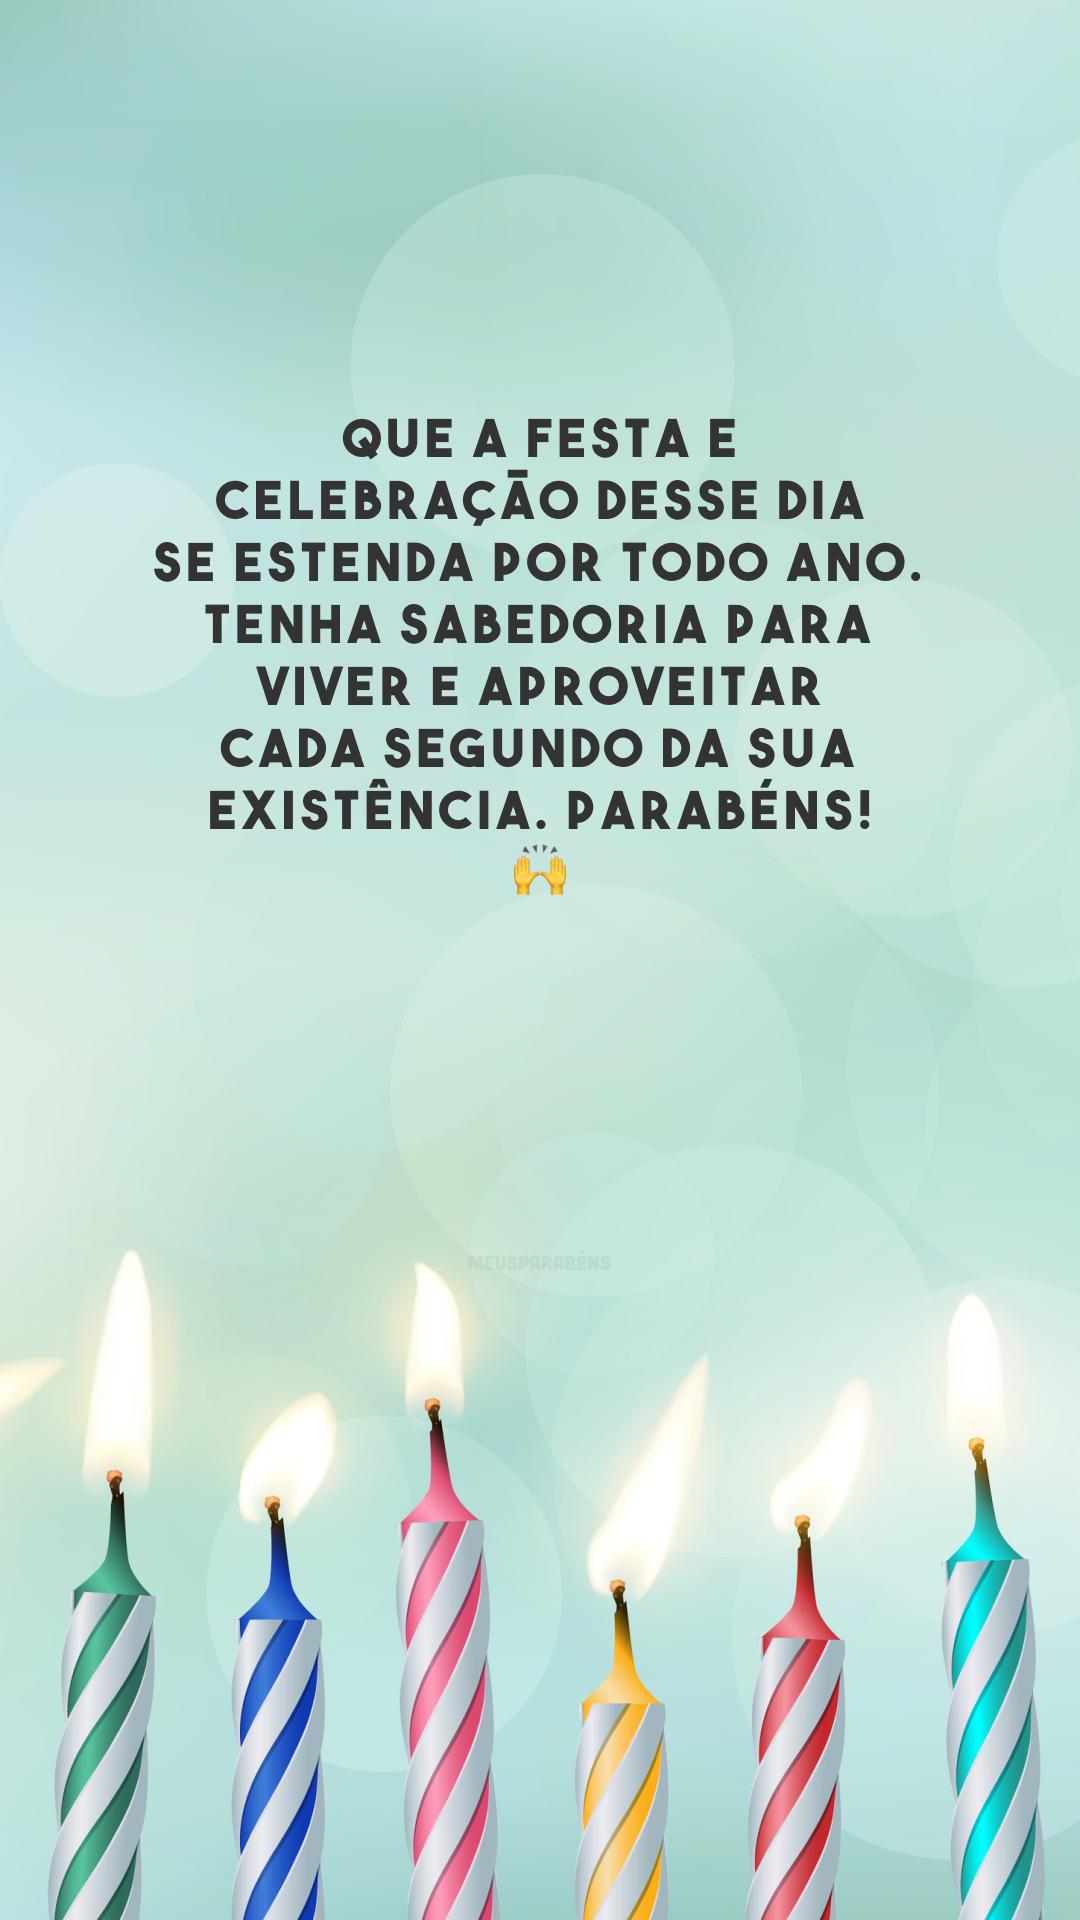 Que a festa e celebração desse dia se estenda por todo ano. Tenha sabedoria para viver e aproveitar cada segundo da sua existência. Parabéns! 🙌